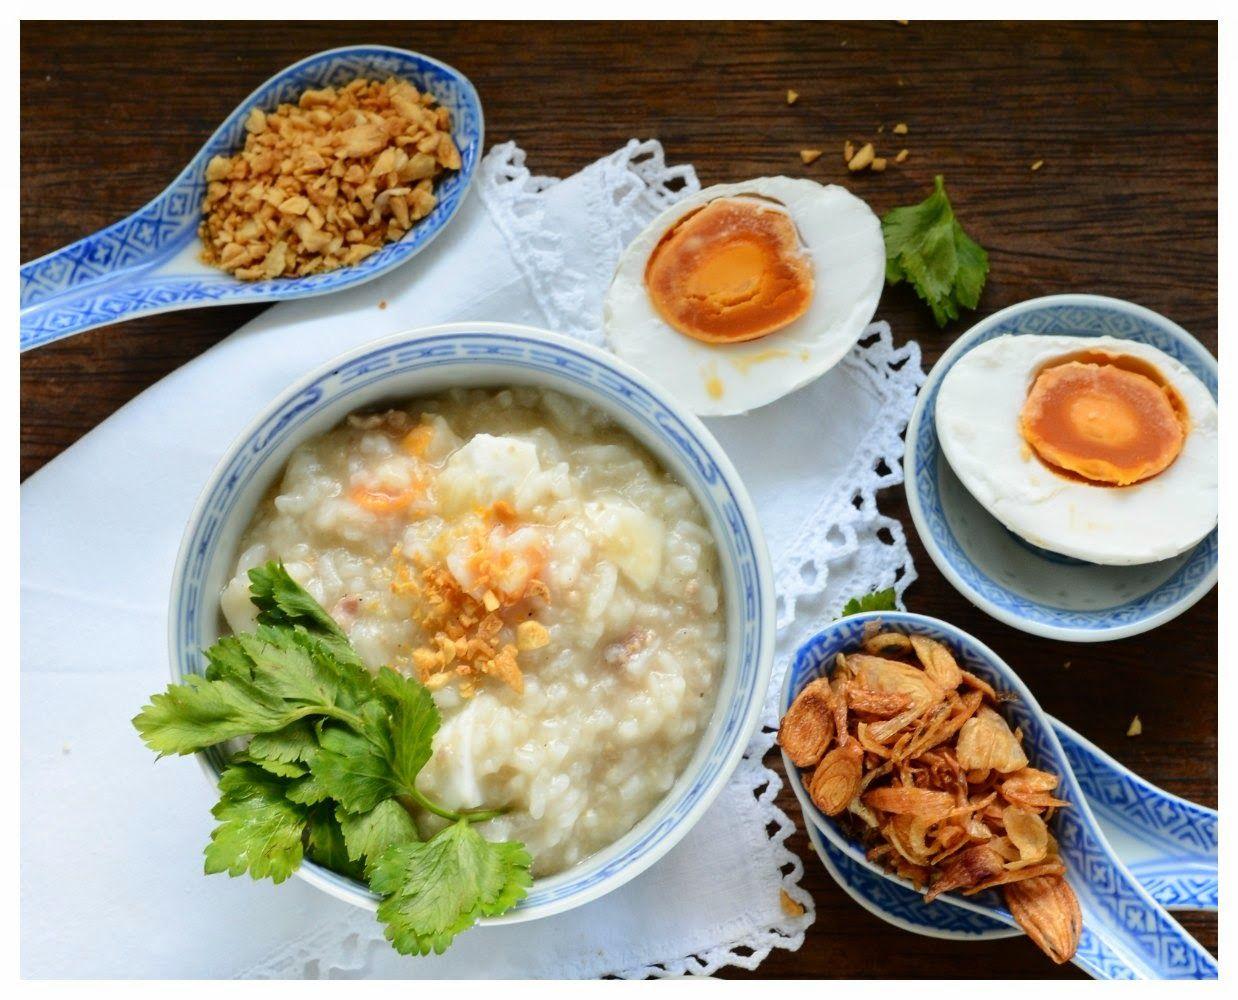 Indonesian Medan Food Bubur Ayam Telur Asin Rice Porridge With Salted Eggs Resep Makanan Resep Masakan Telur